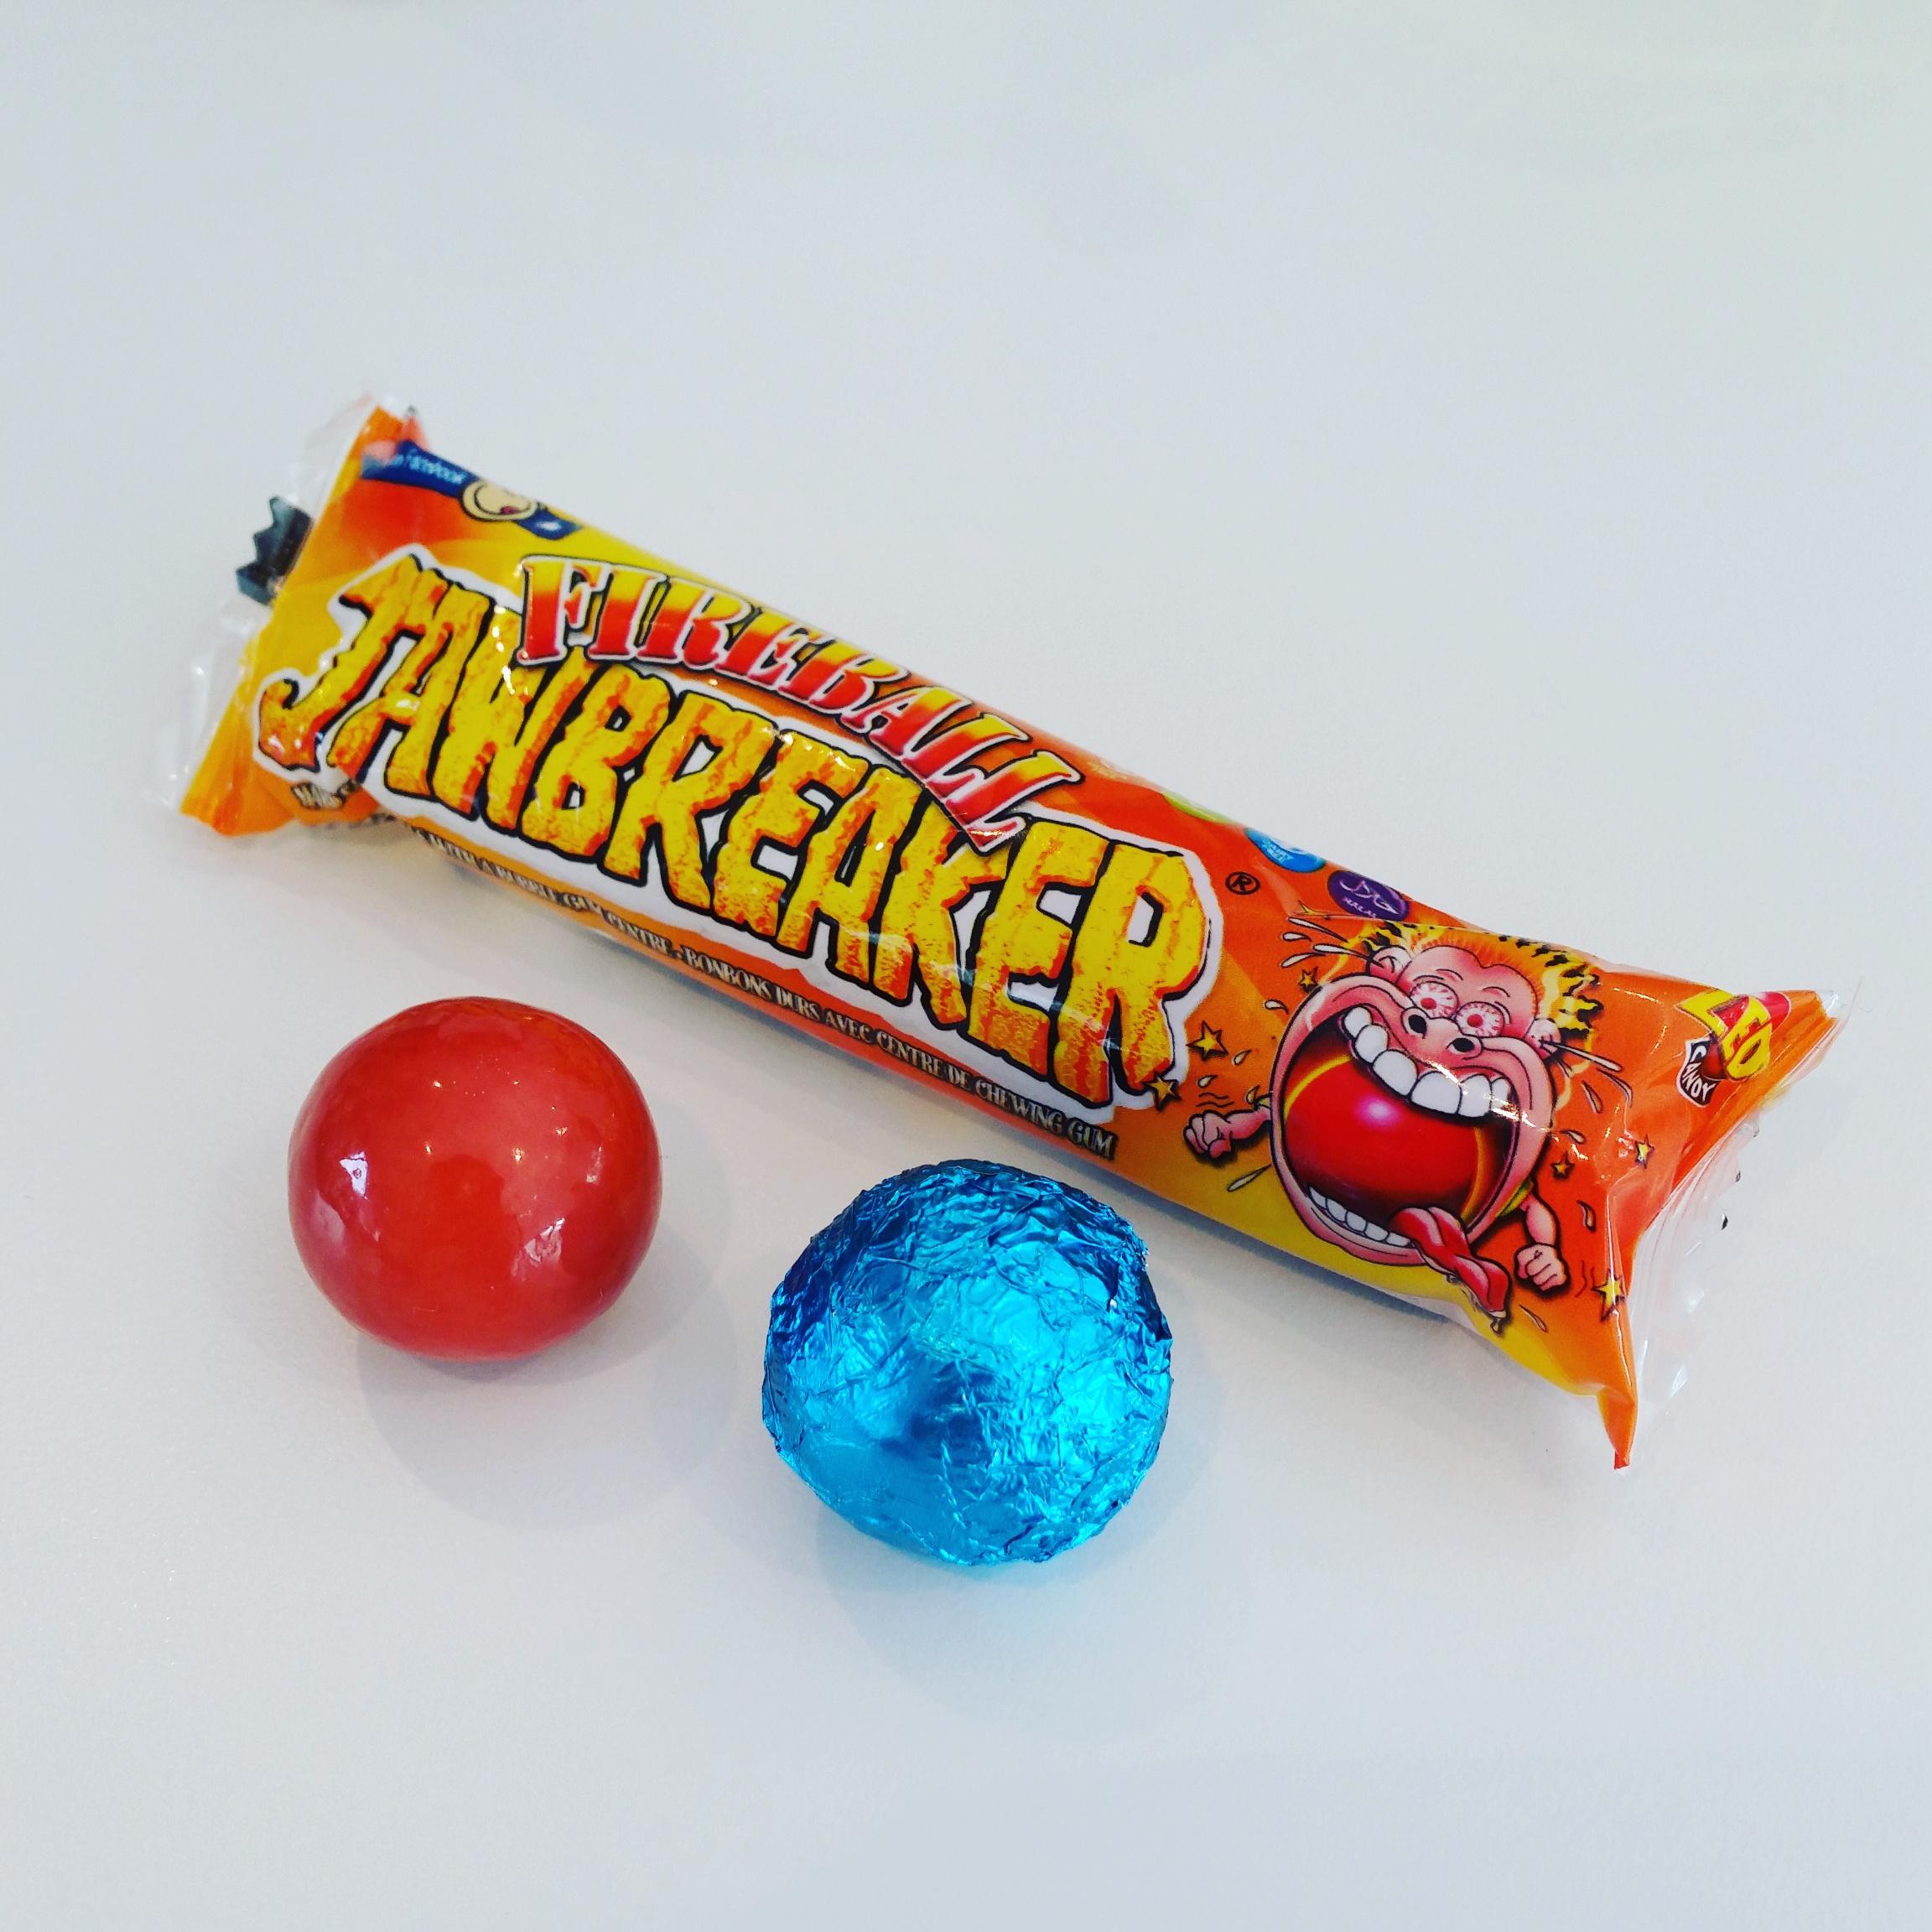 Jawbreaker Fireball vermomd als paasei